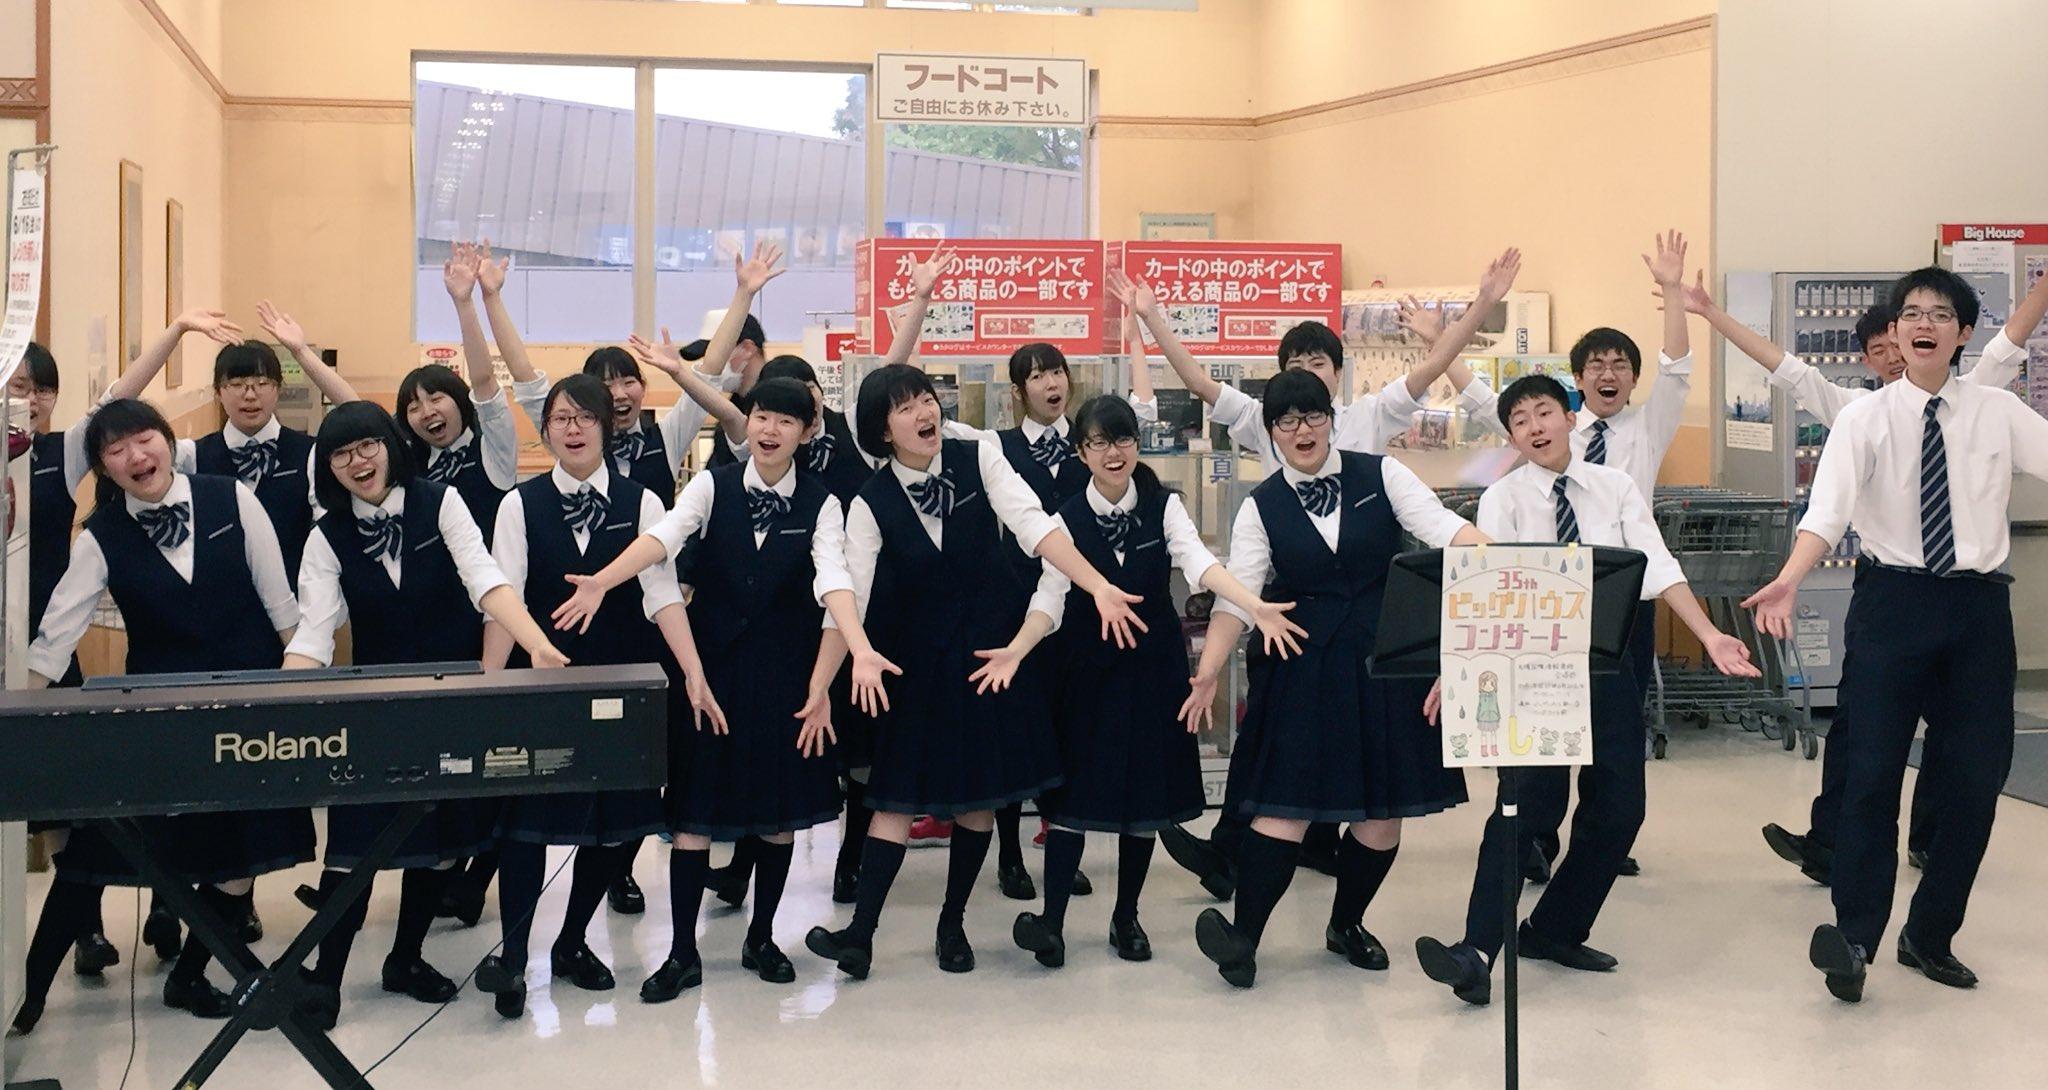 国際 情報 高校 北海道札幌国際情報高等学校